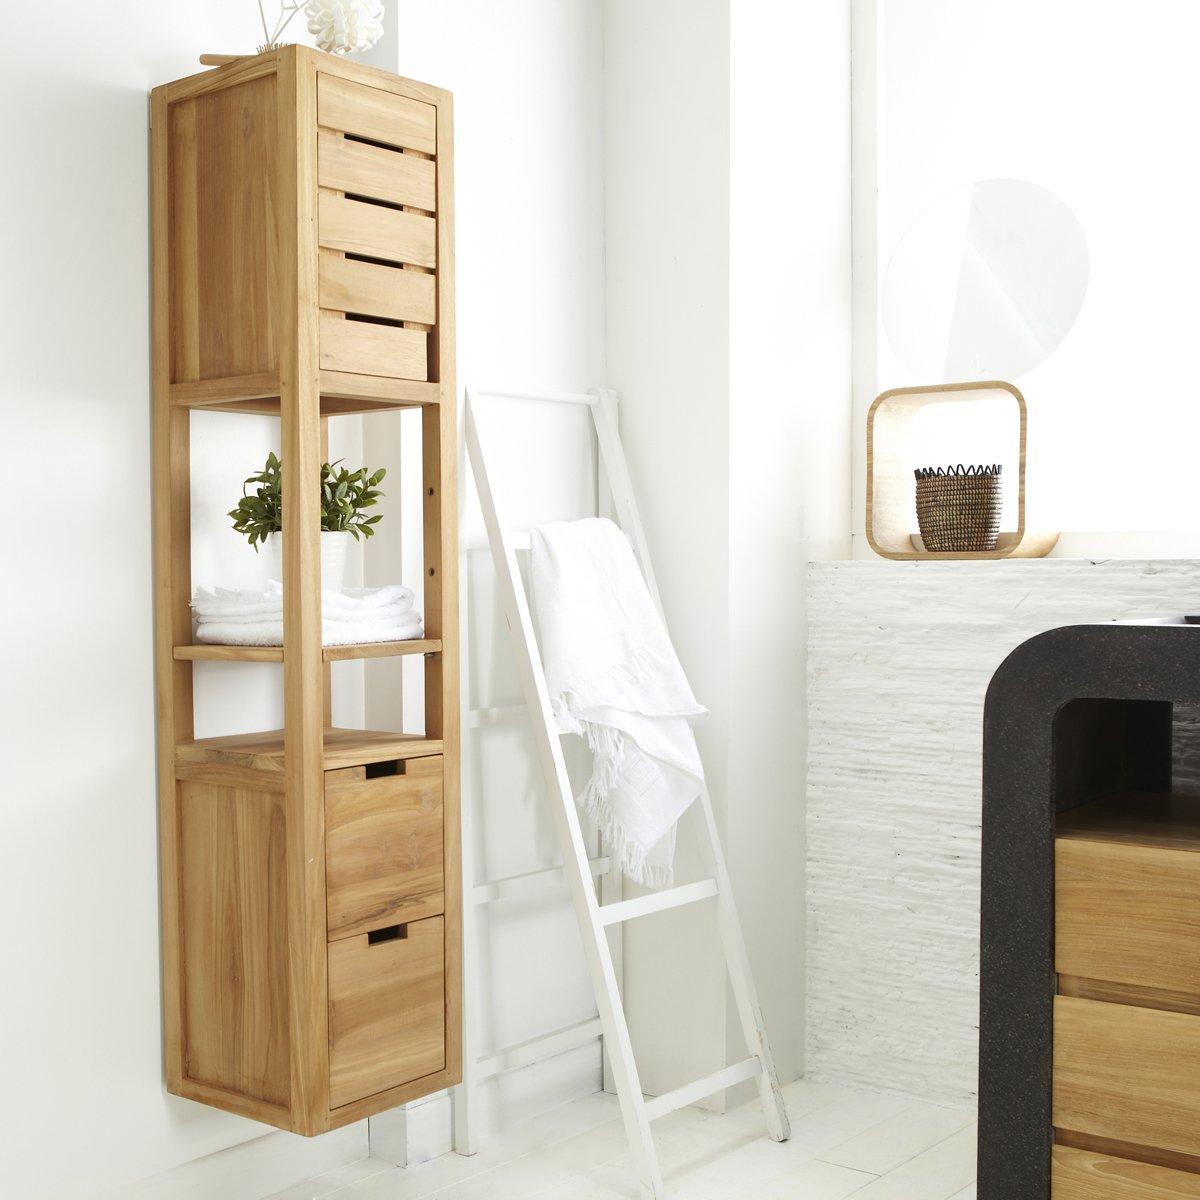 Mueble de baño mueble estantería de madera de teca sin tratar la columna baño nuevo Tikamoon: Amazon.es: Hogar